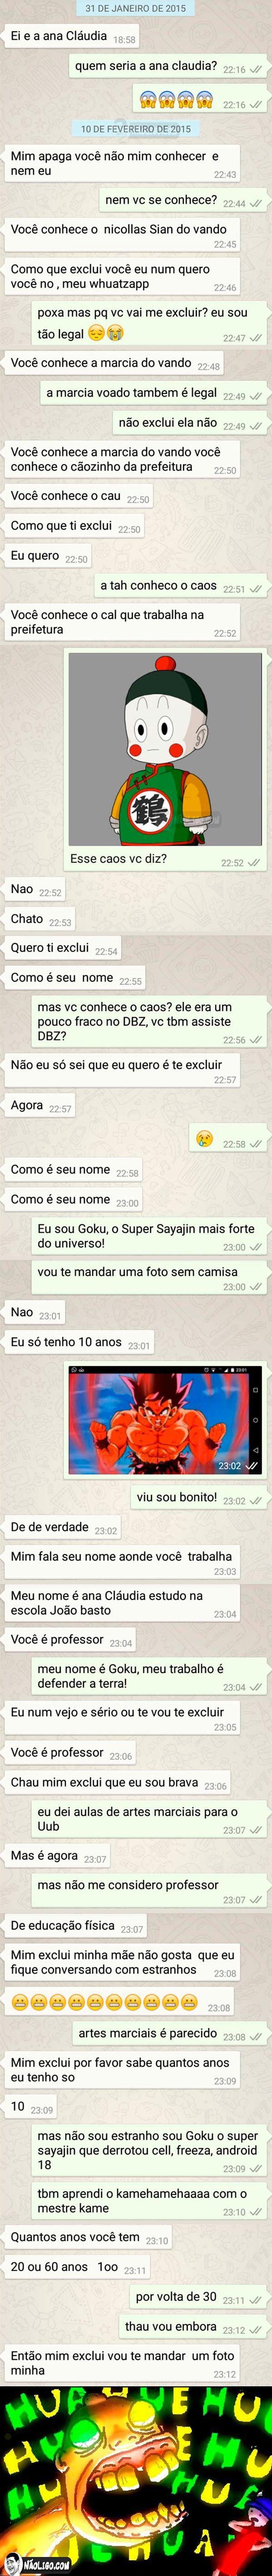 Conversa estranha no WhatsApp